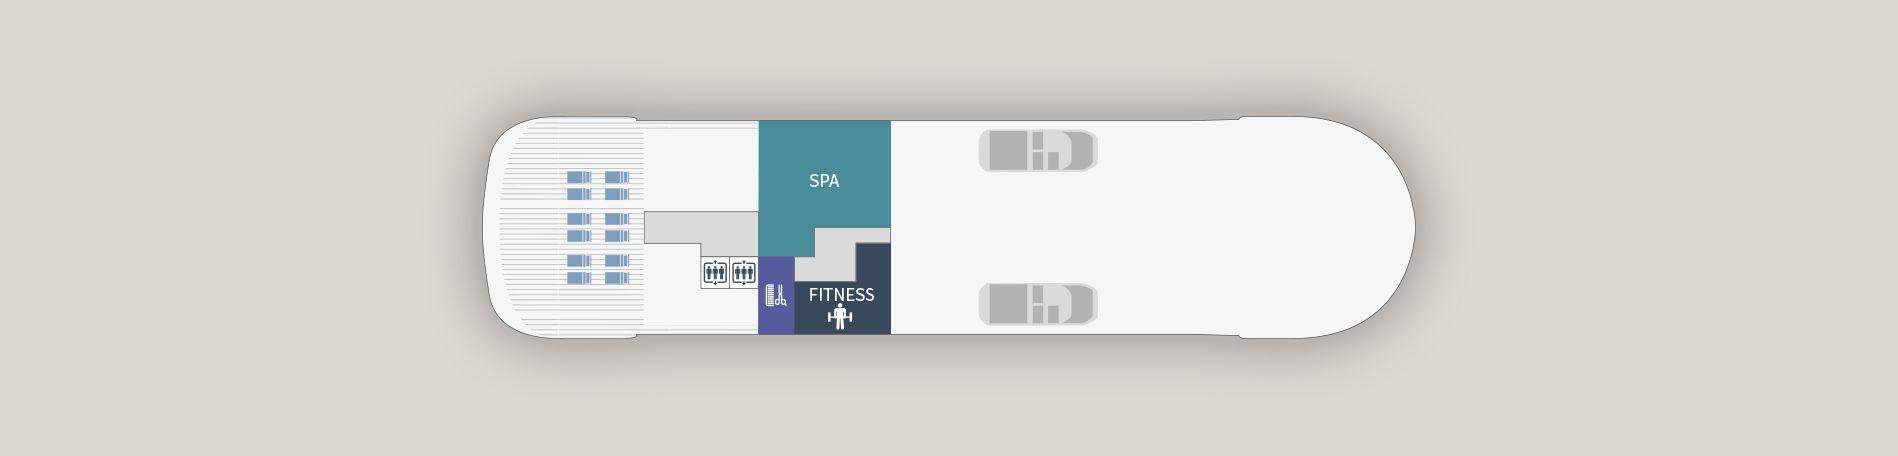 Ponant Le Laperouse Deck Plans Deck 7.jpg